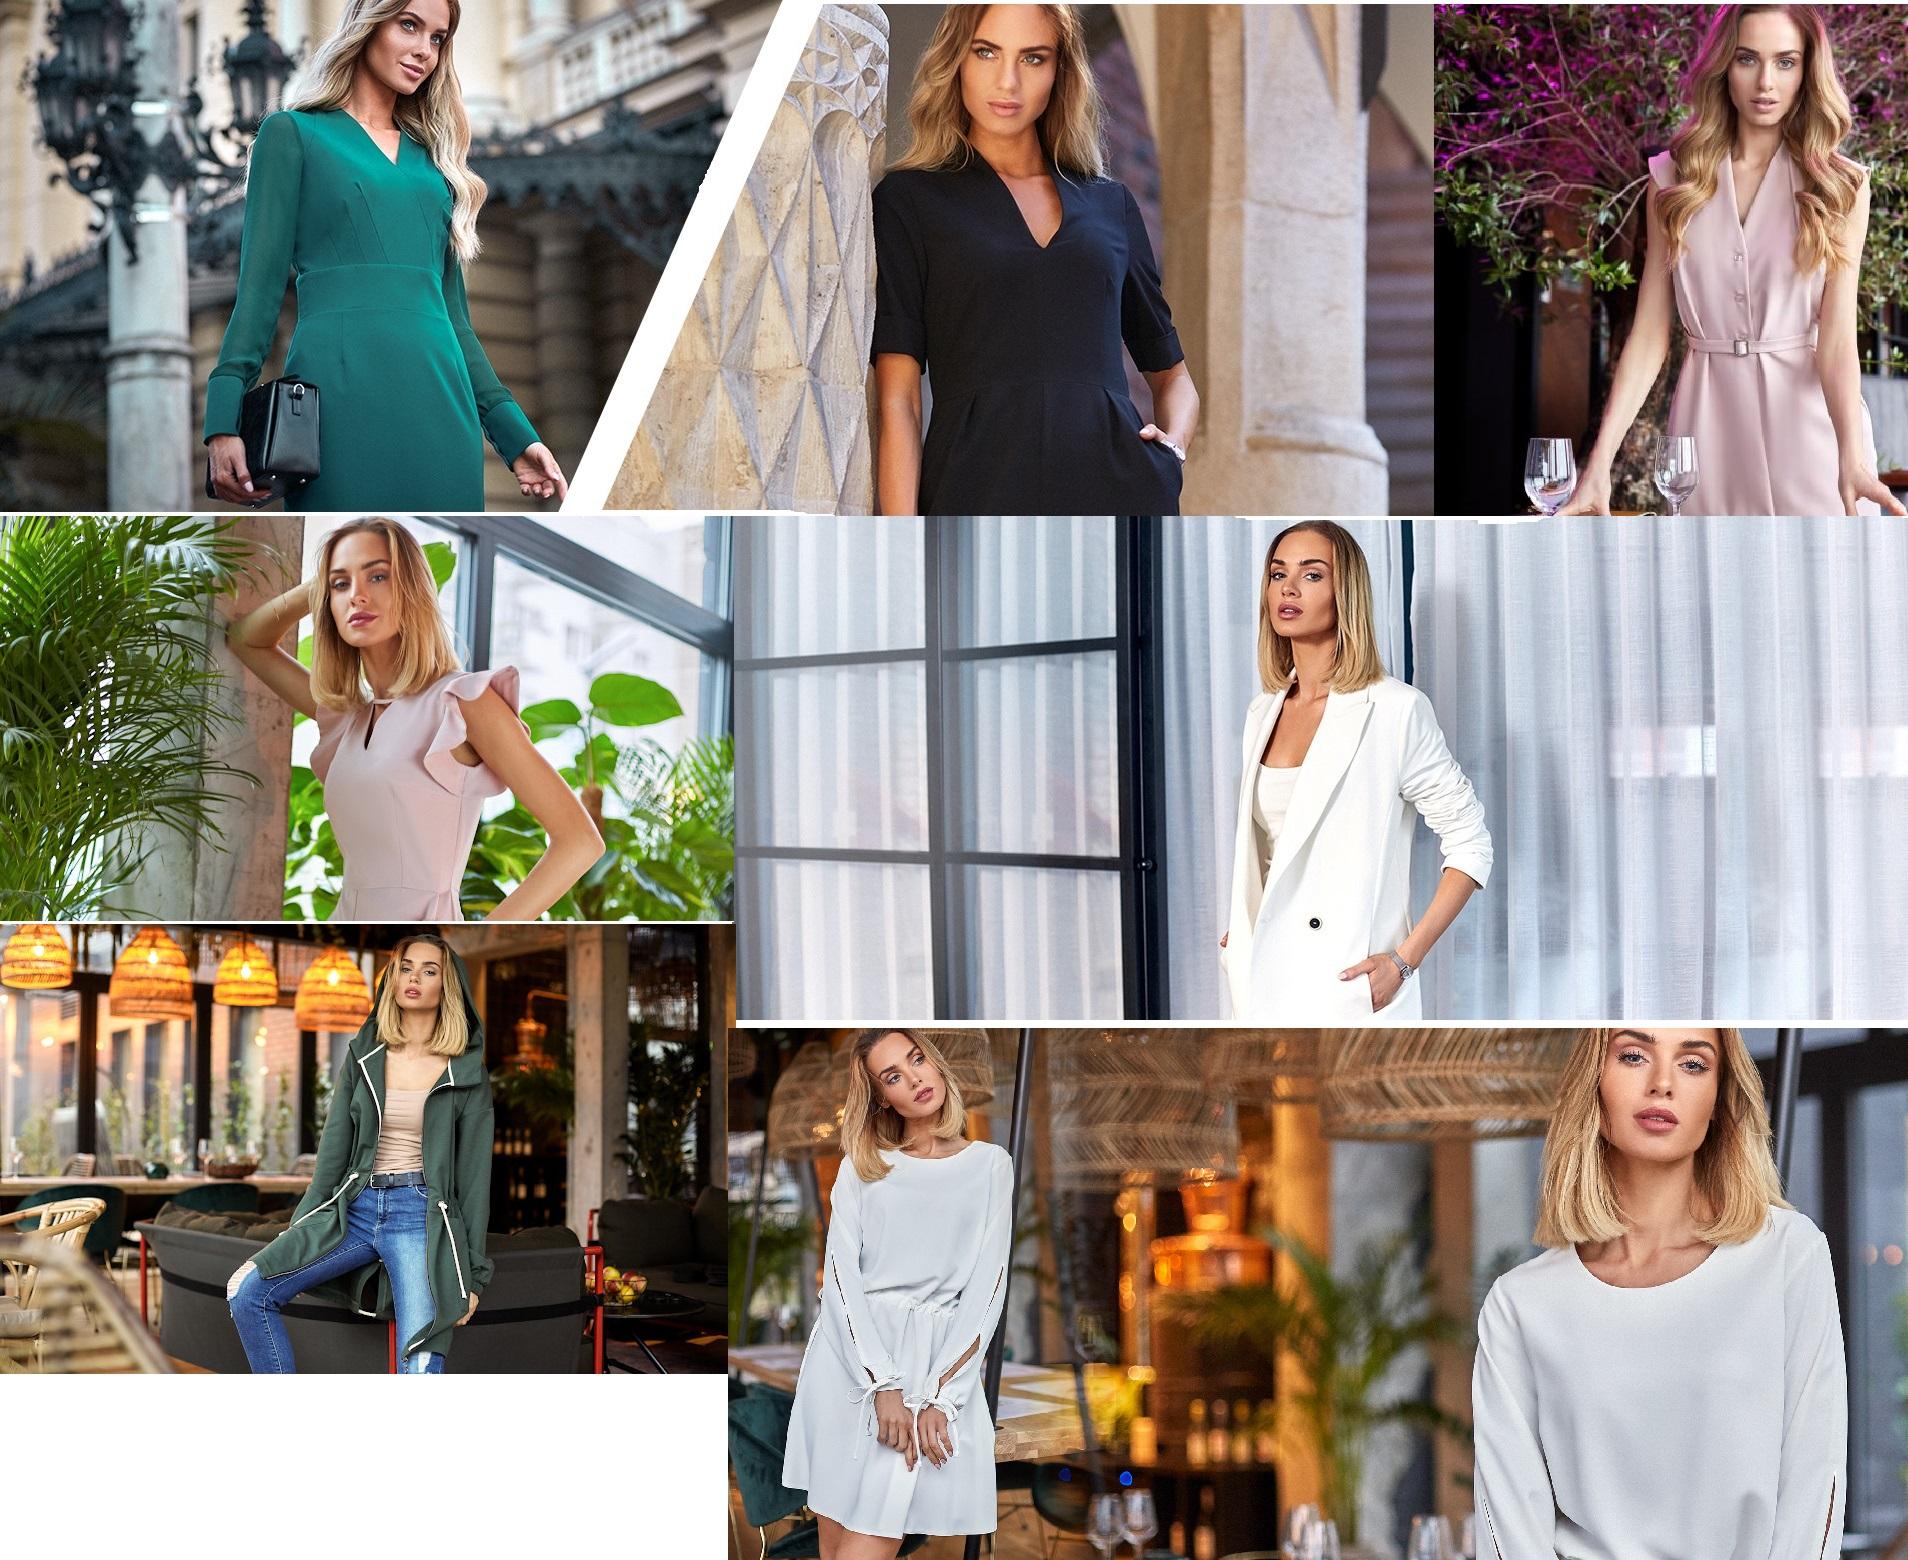 Vyjímečné Dámské Šaty Oděvy a Doplňky | Super Ceny - Top Kvalita